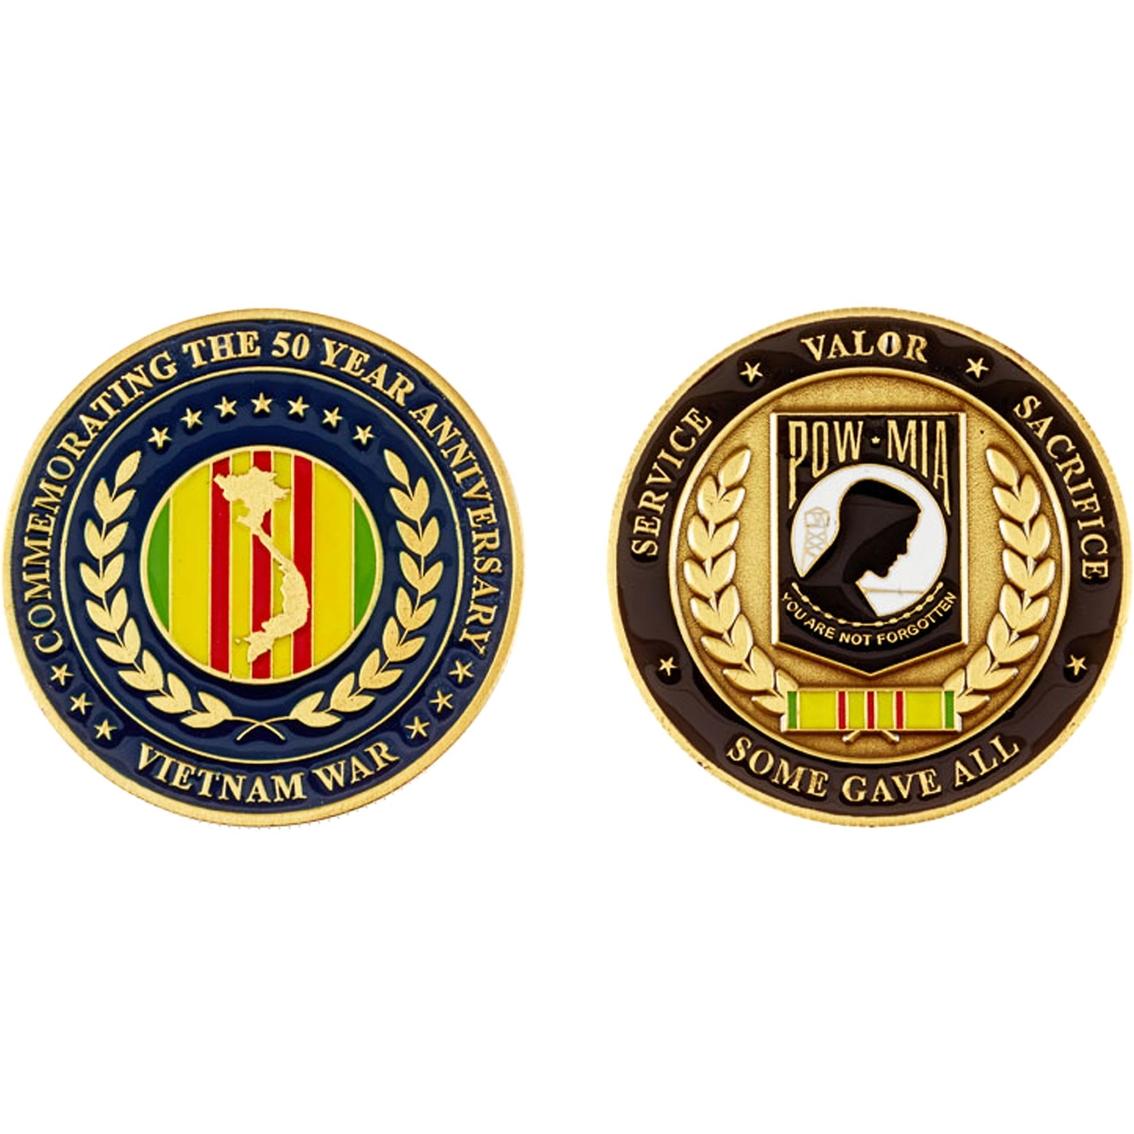 Challenge Coin 50th Anniversary Vietnam War | Coins & Cases